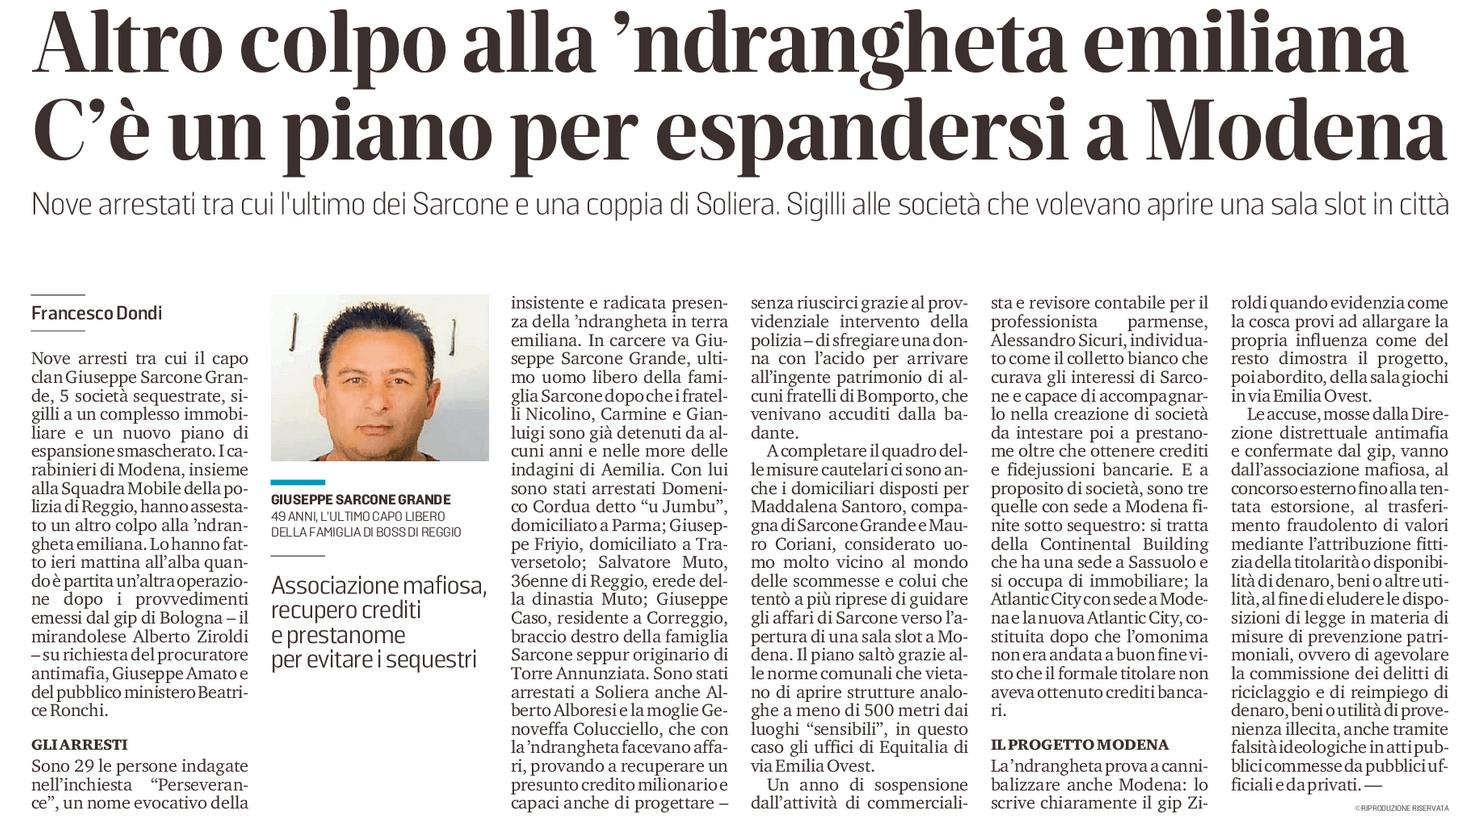 Un piano per espandersi a Modena